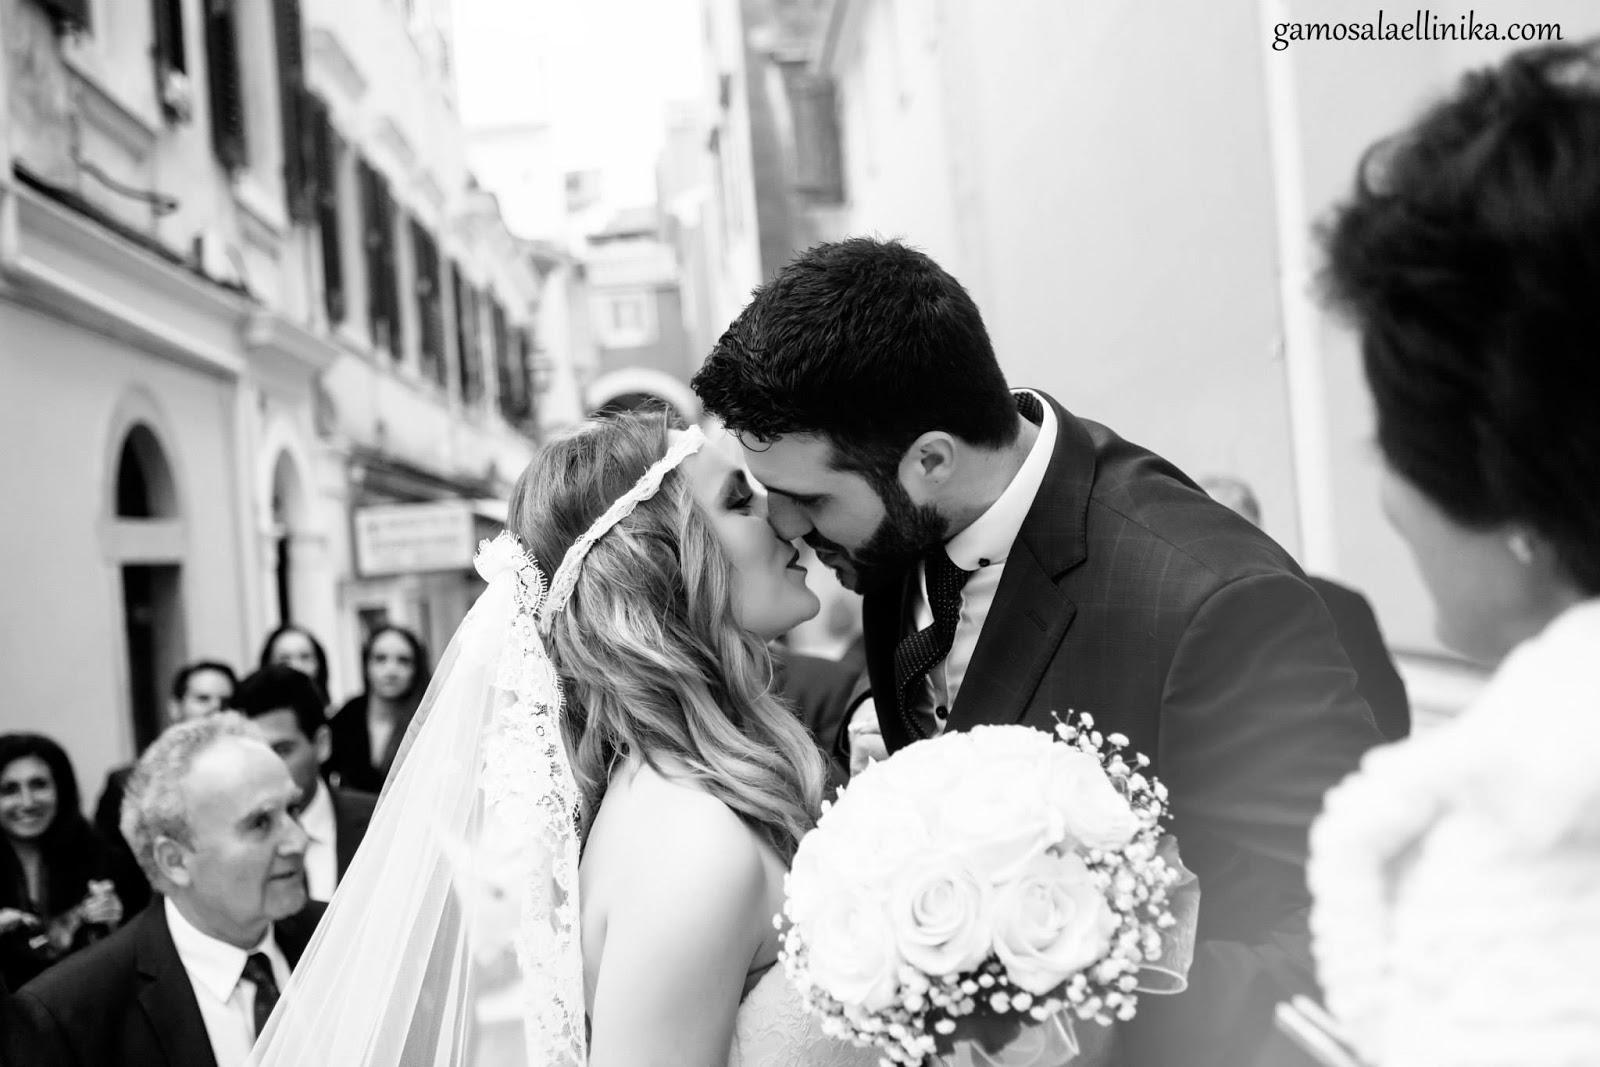 Γάμος αλά Ελληνικά Φωτογραφία & Βίντεο